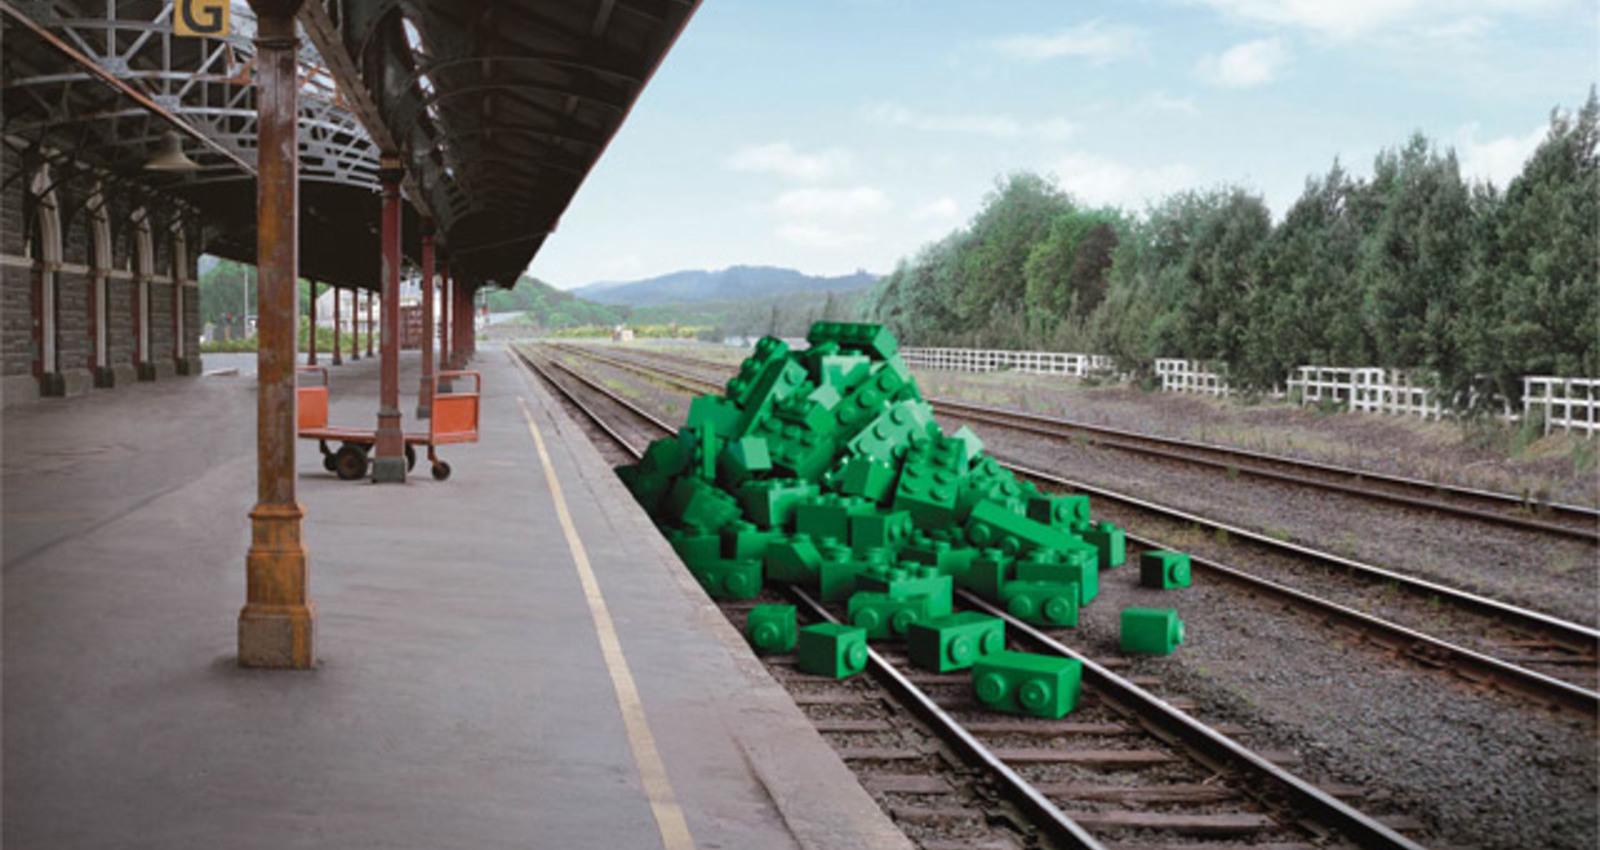 Lego - Train Station